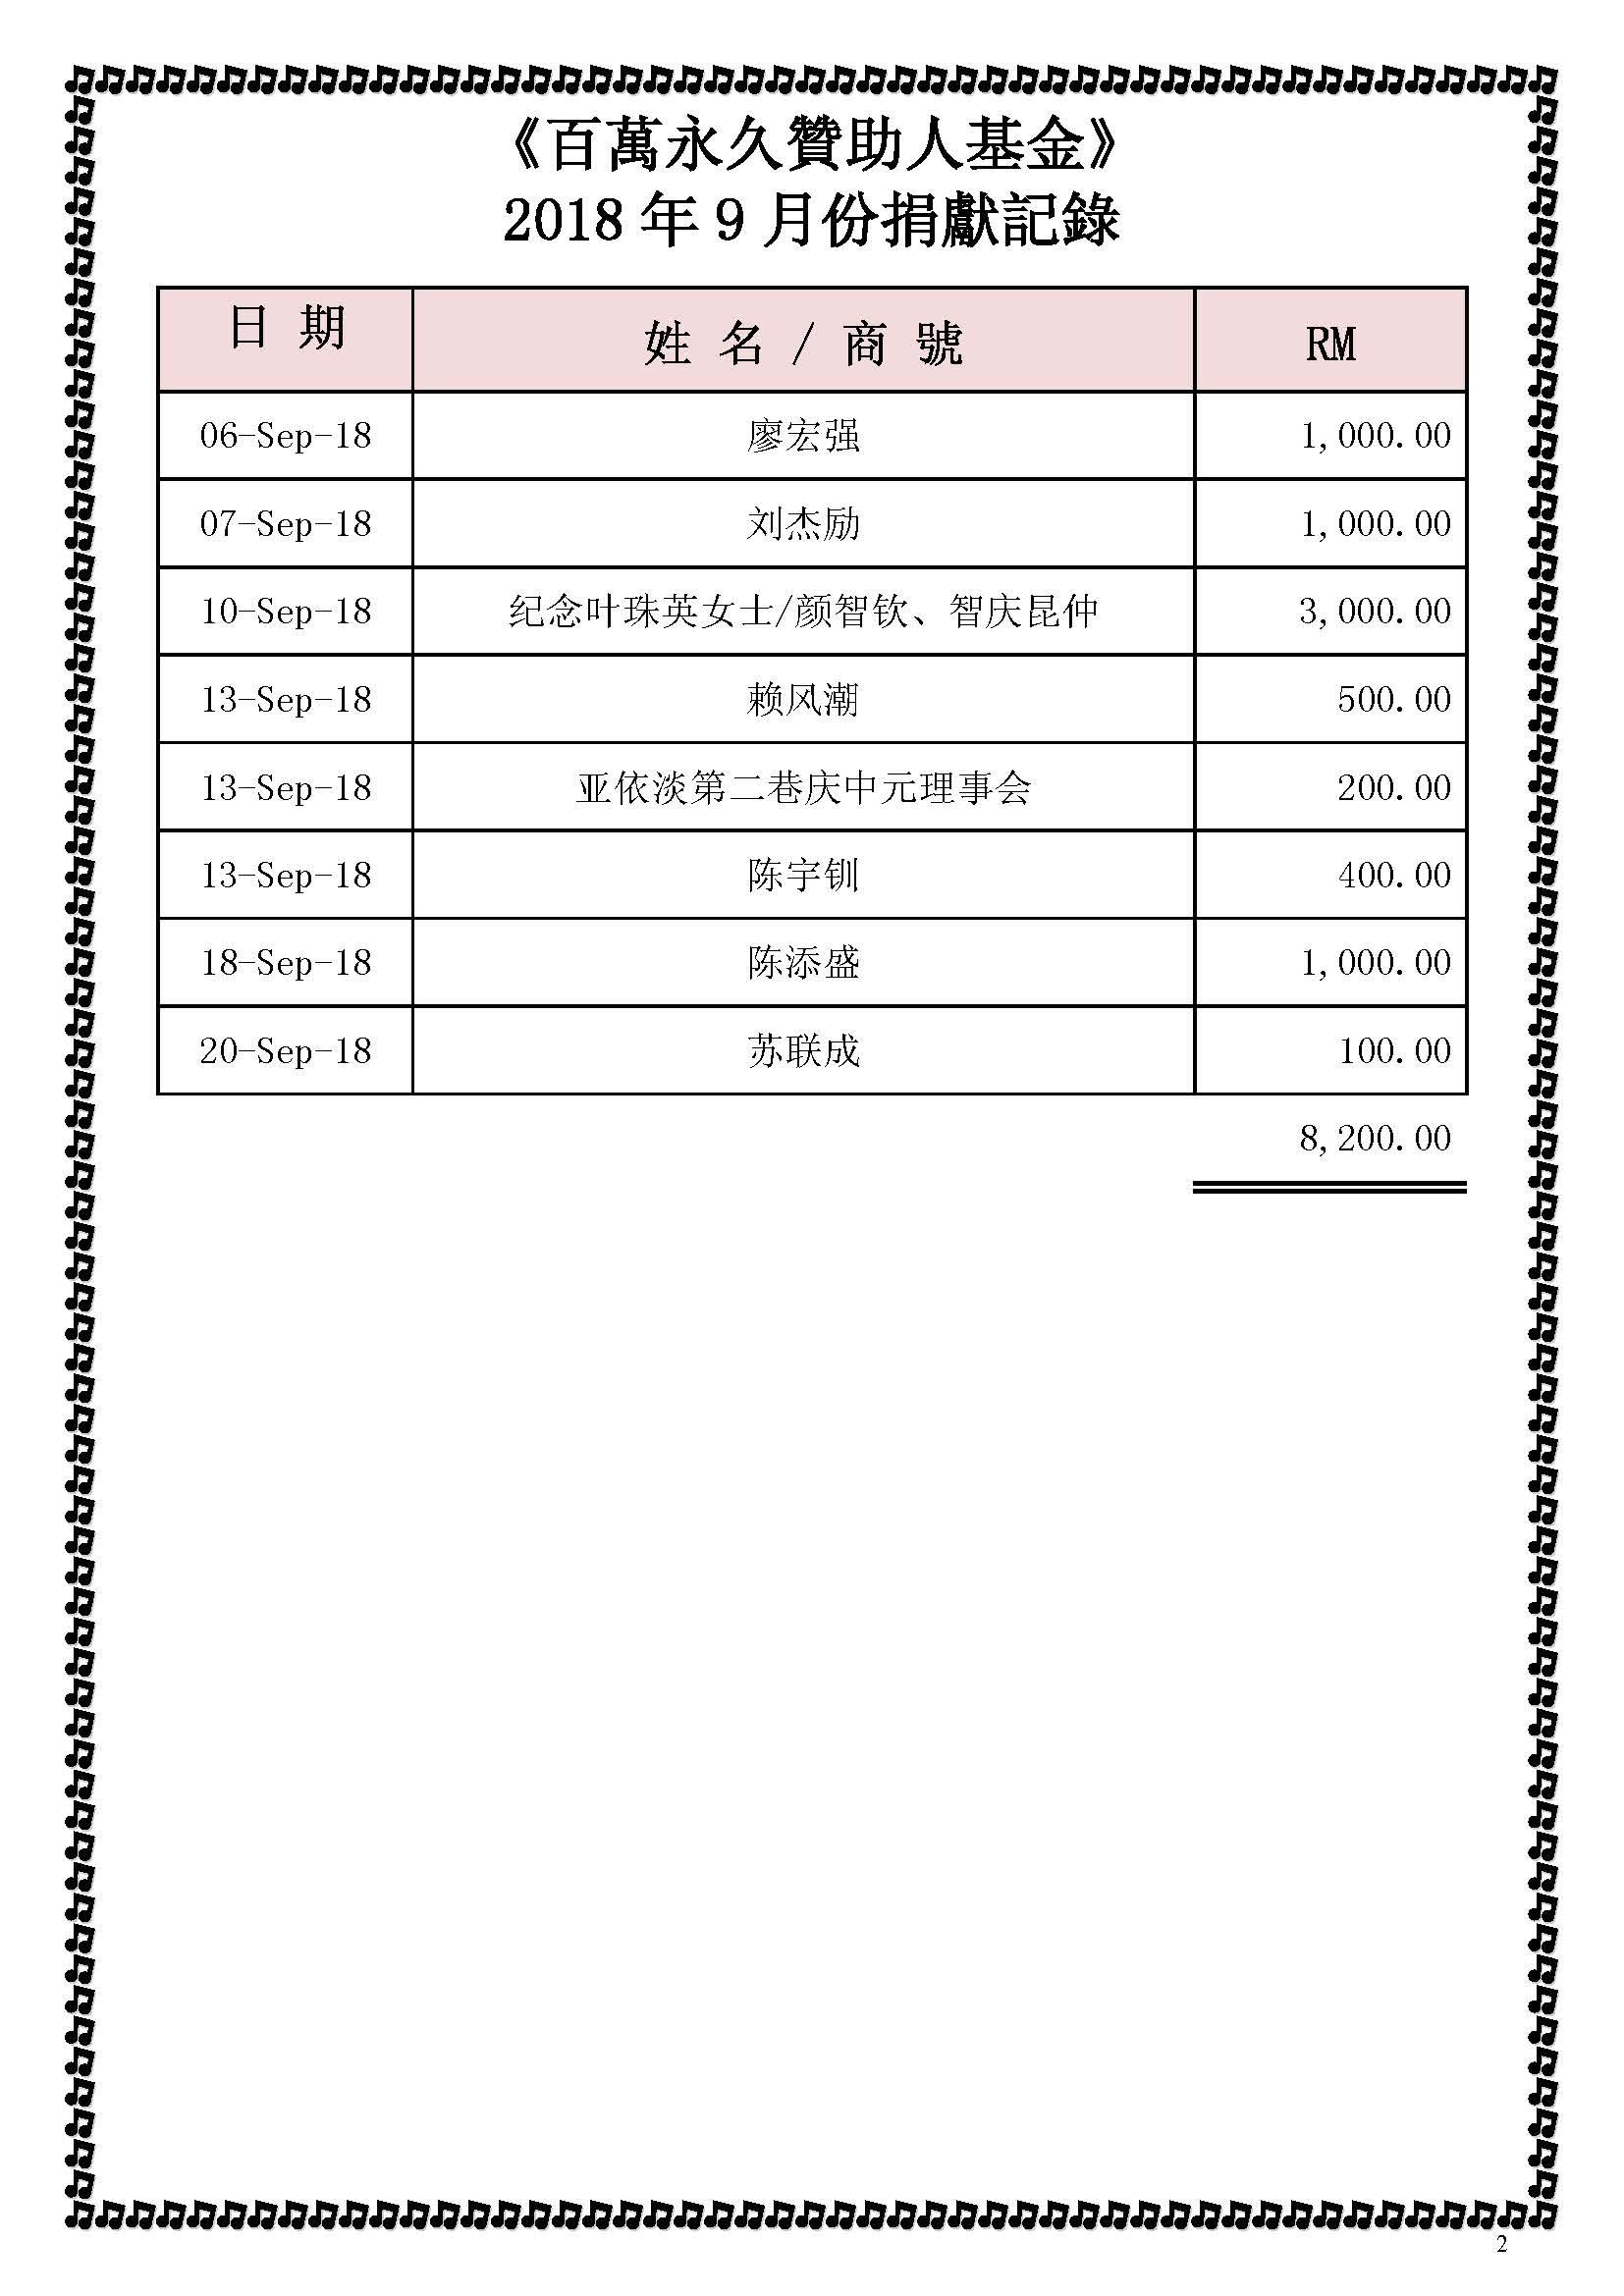 2018年9月份捐獻記錄—修改后_Page_2